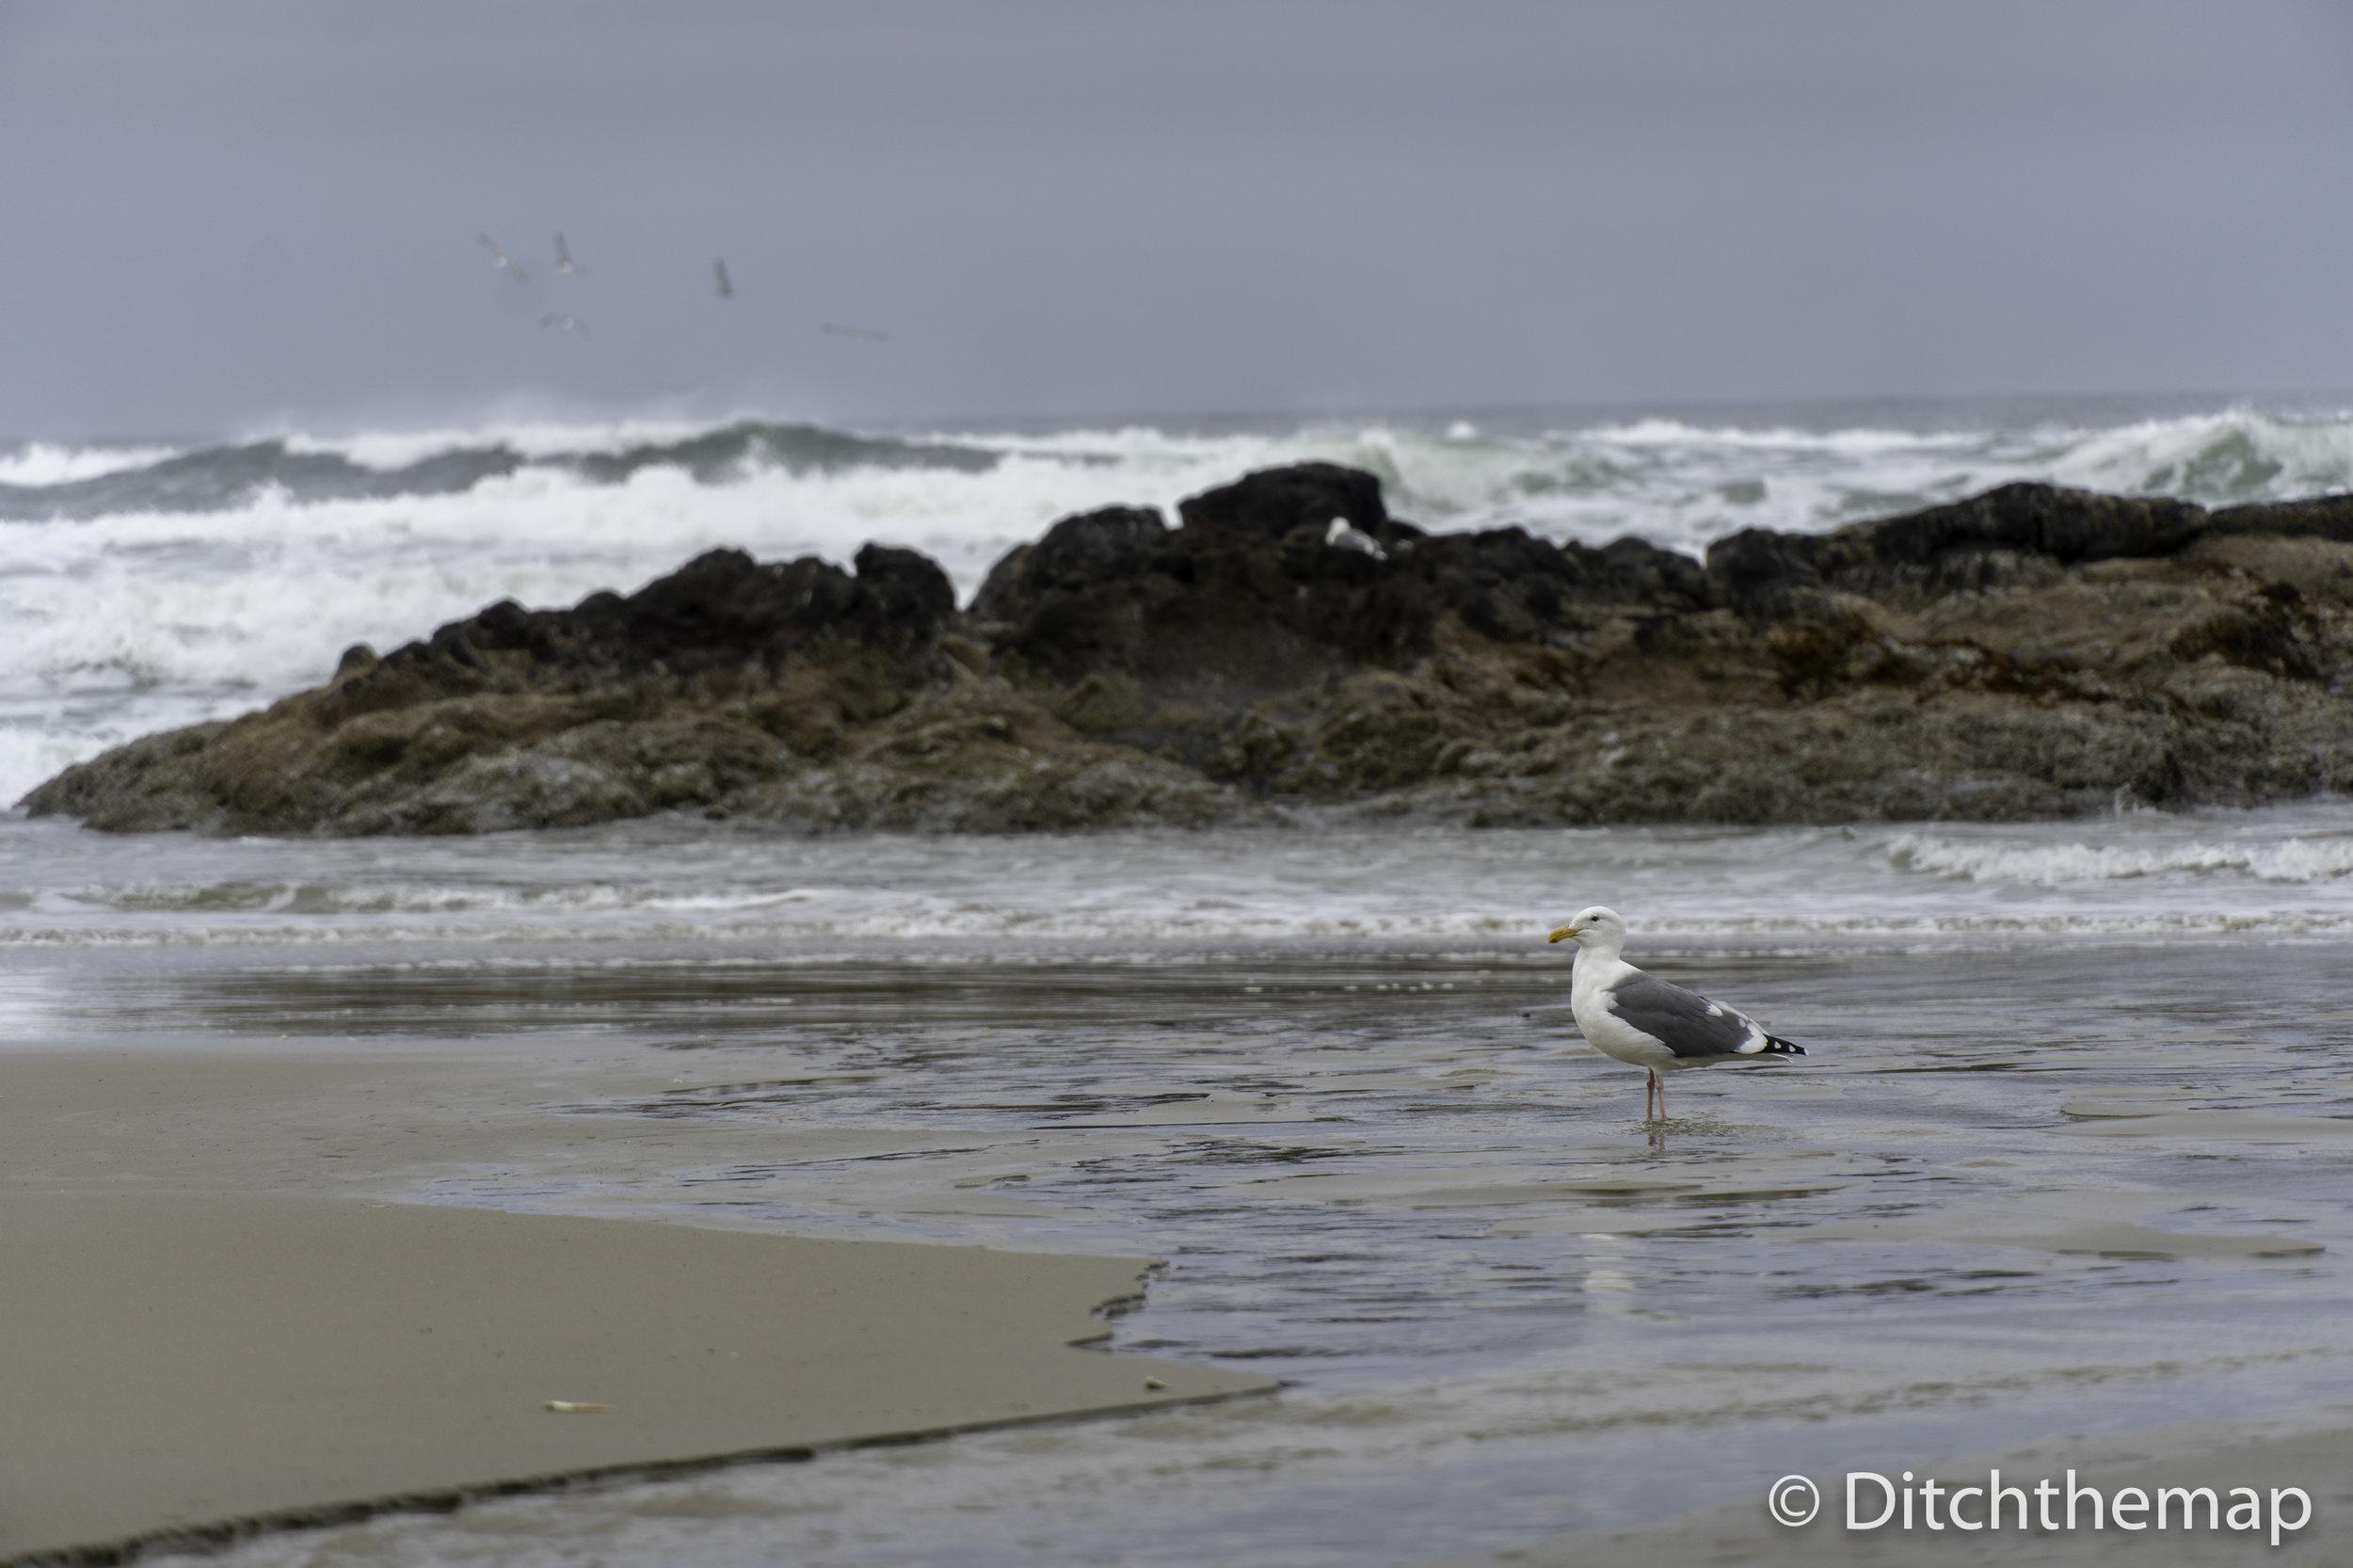 Oregon Coast Beach with Seagull